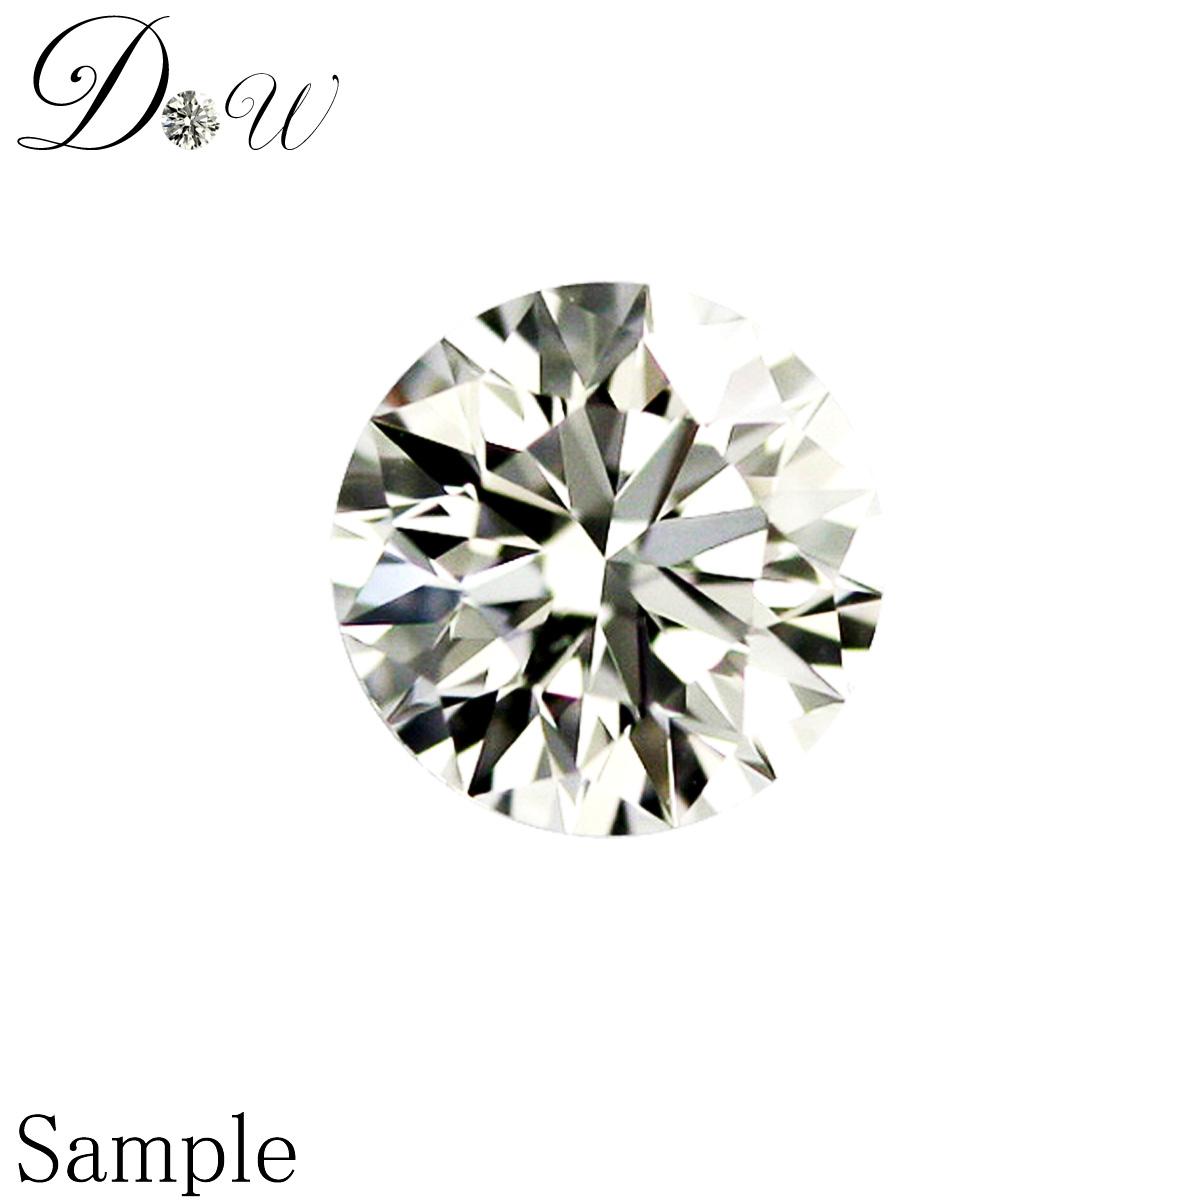 中央宝石研究所鑑定書付き ダイヤモンドルース0.40ct E-VVS2-Excellent